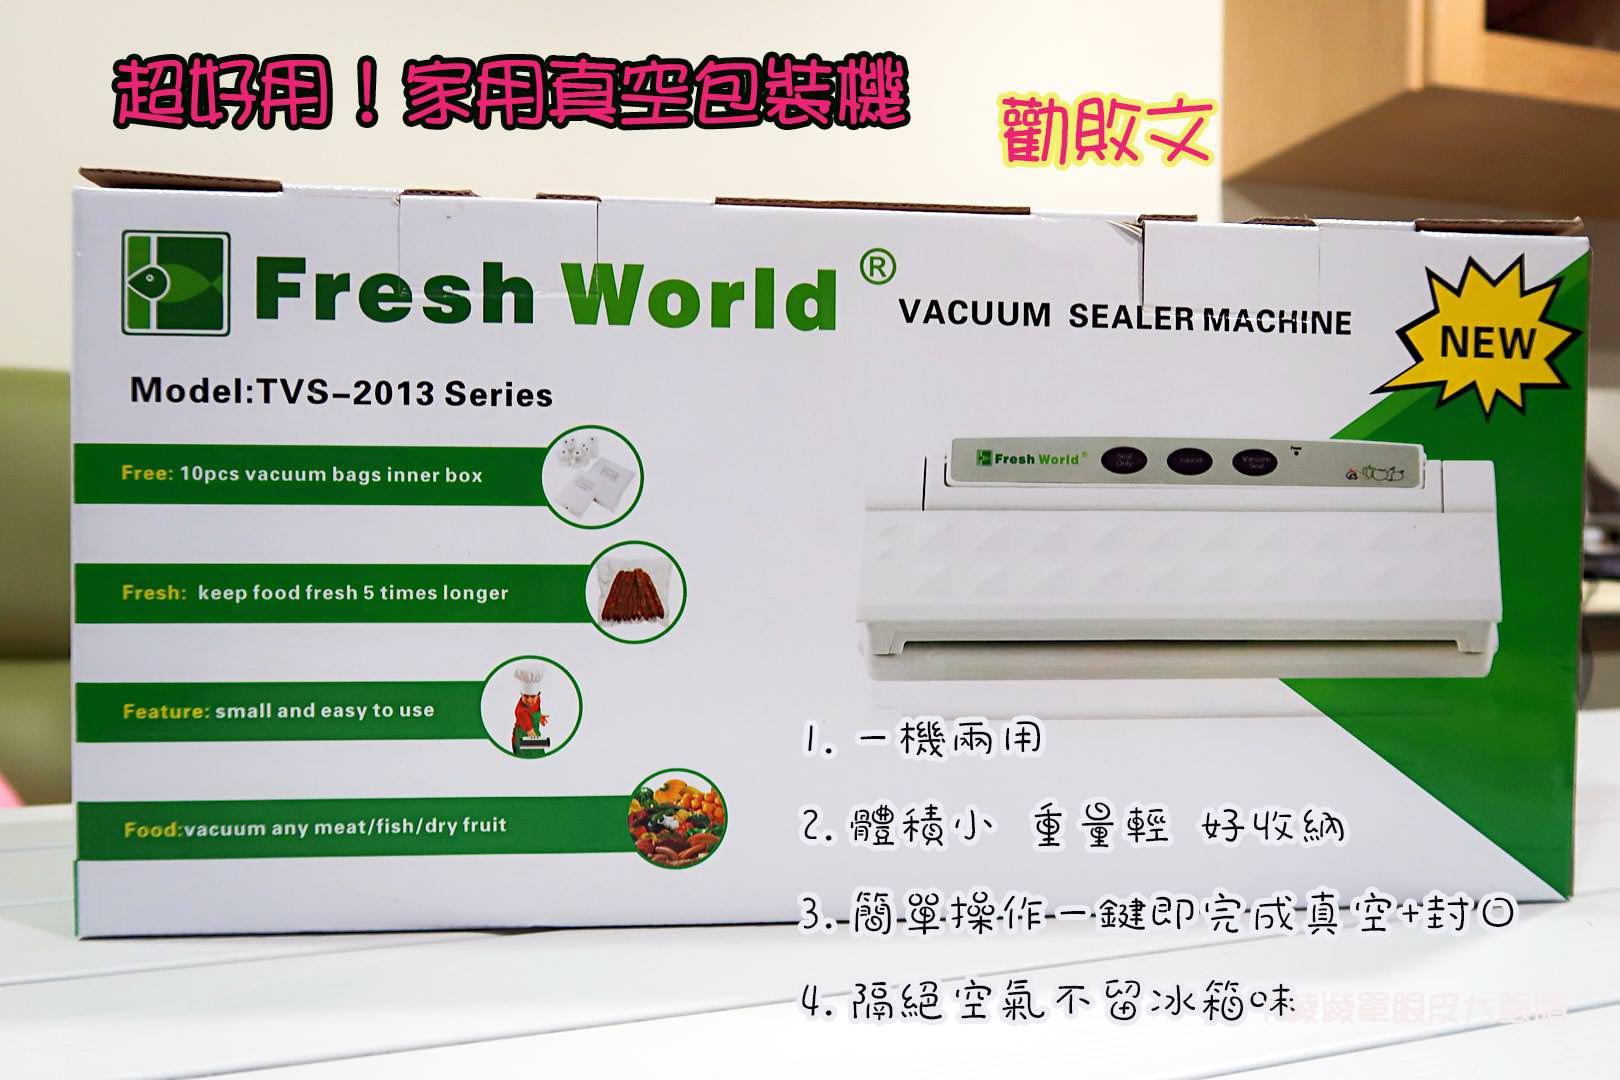 竹興包裝|Fresh World家用真空包裝機推薦開箱勸敗文